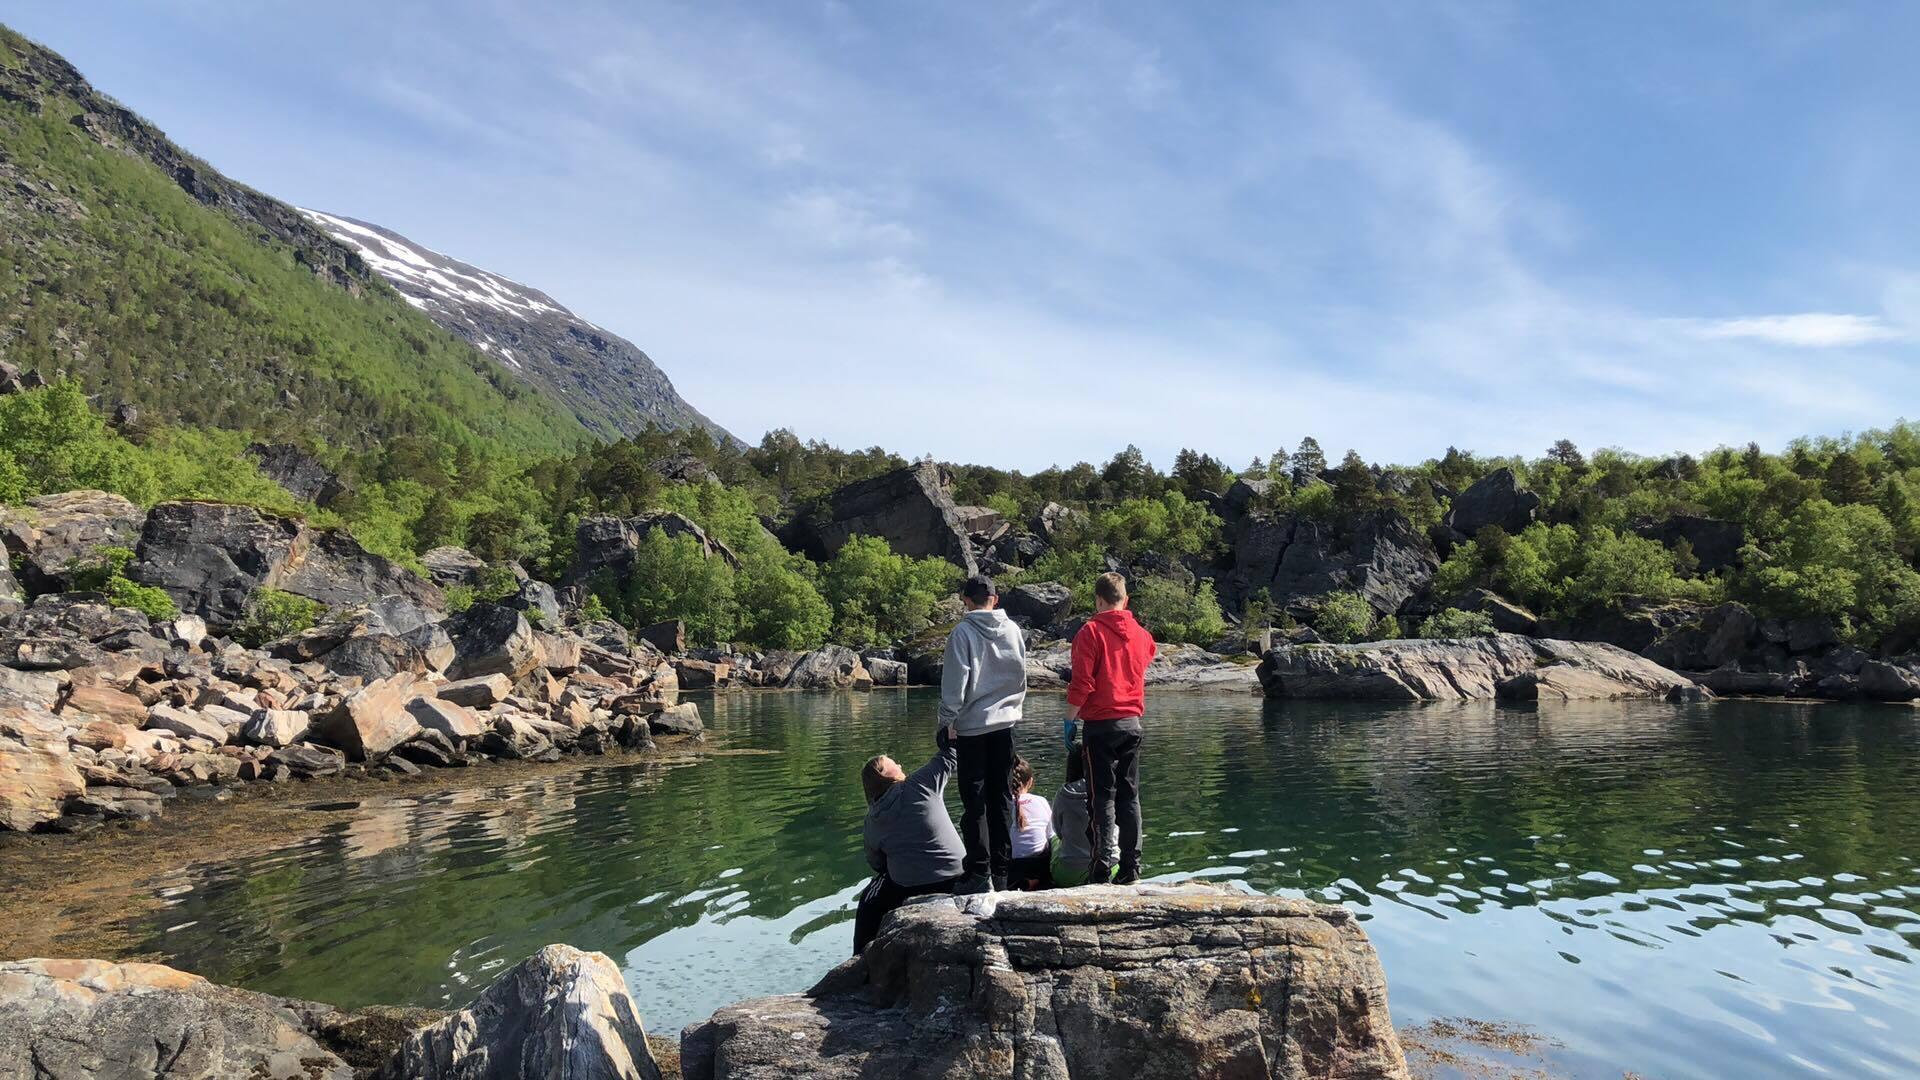 ryddeaksjon-grotland3.jpg